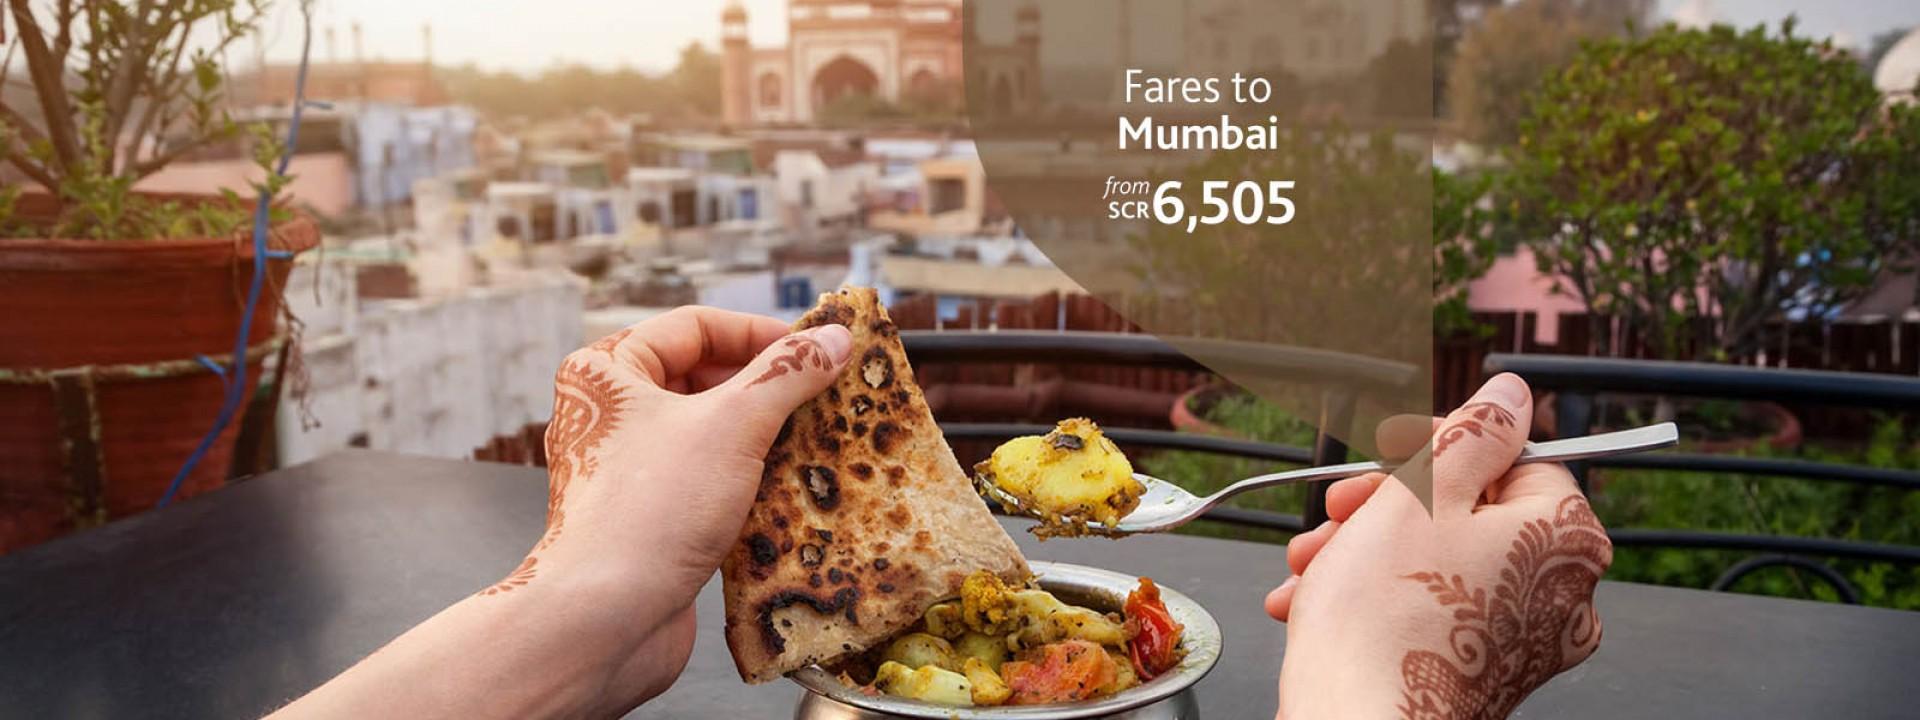 flights-from-mahe-seychelles-to-mumbai-economy